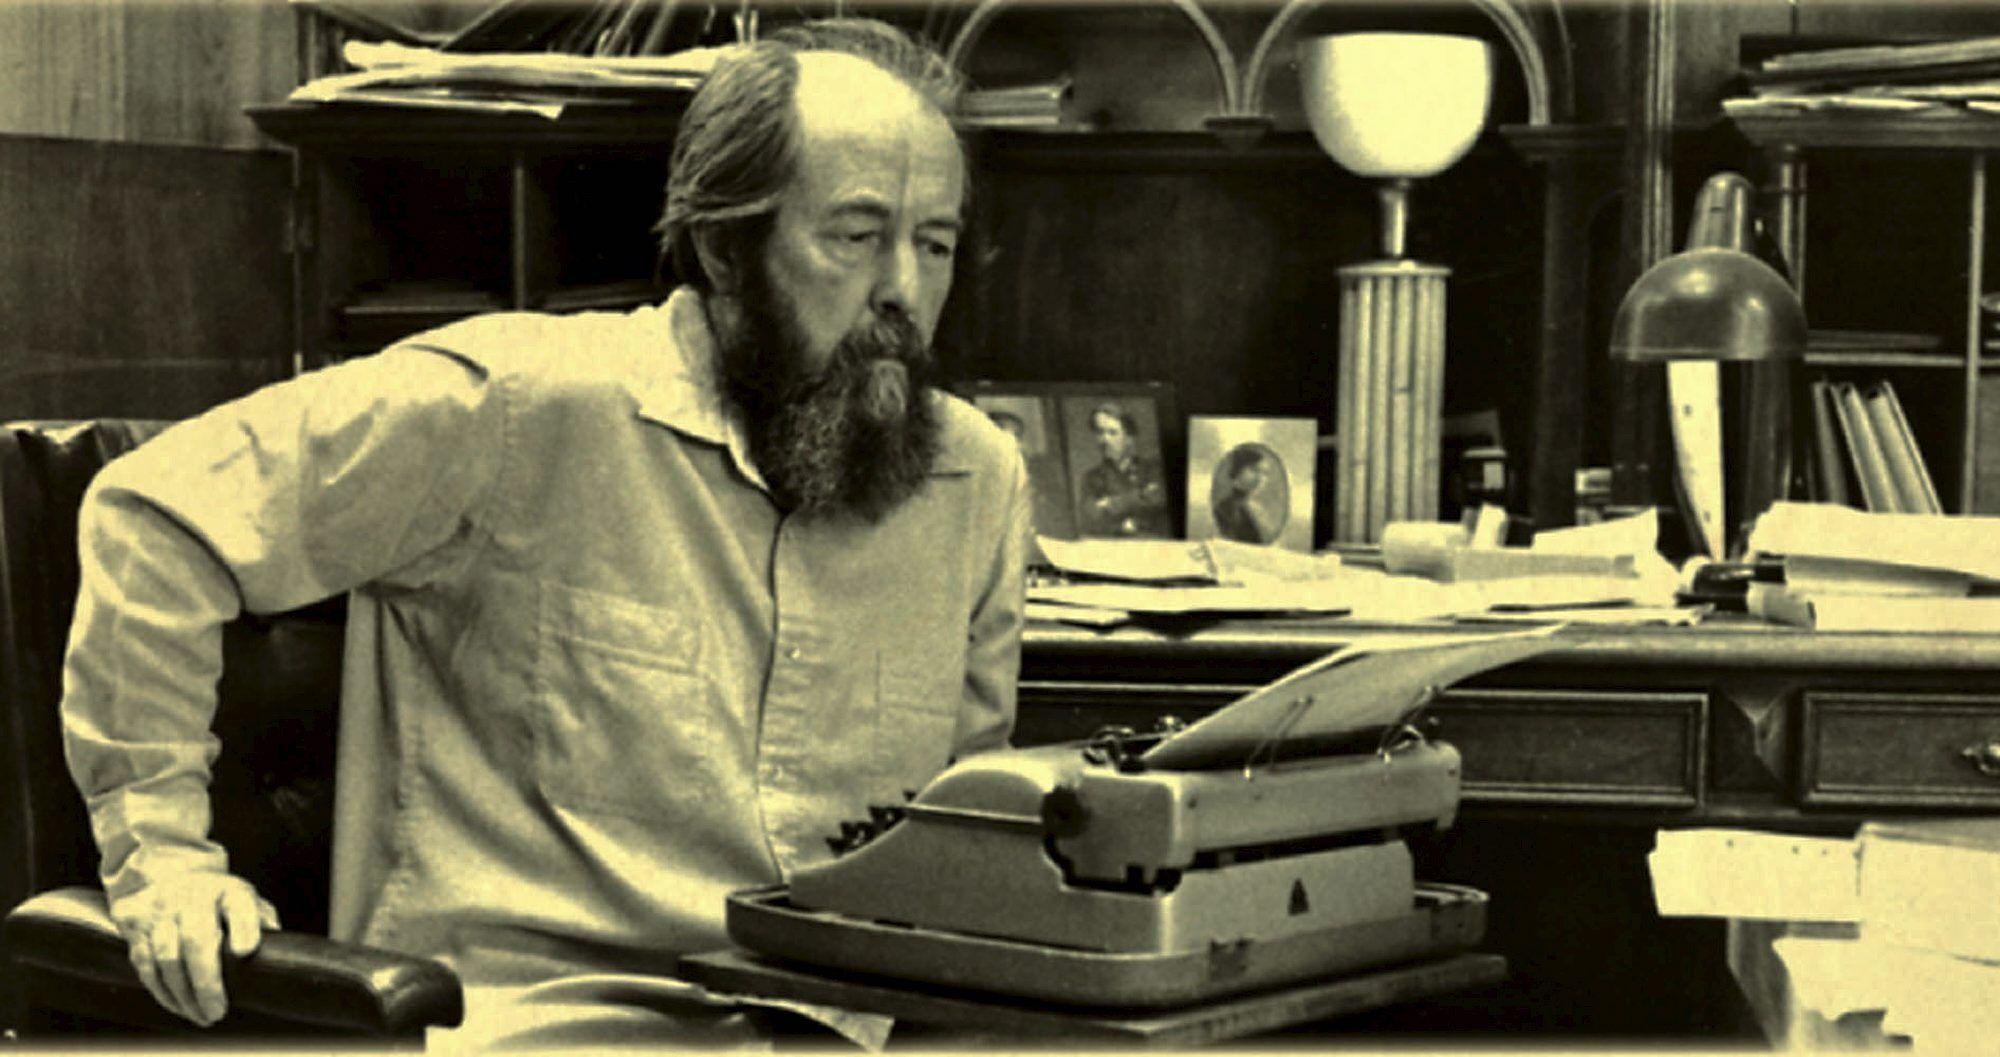 Discurso de Aleksandr Solzhenitsyn en Harvard el 8 de junio de 1978